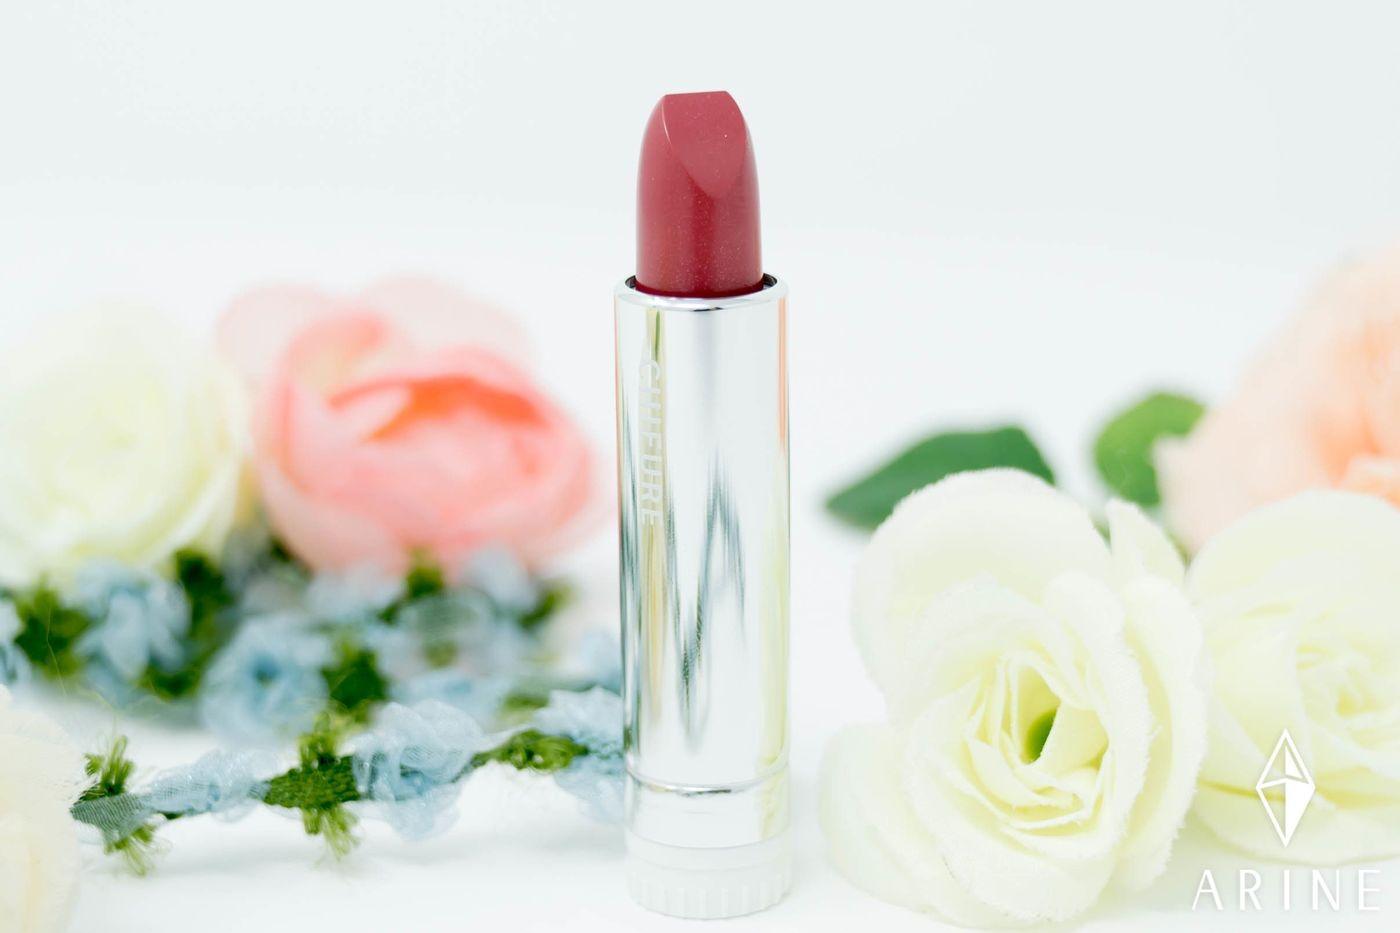 ちふれの口紅の人気色は?プチプラ・高発色でフェミニンリップに♡の1枚目の画像